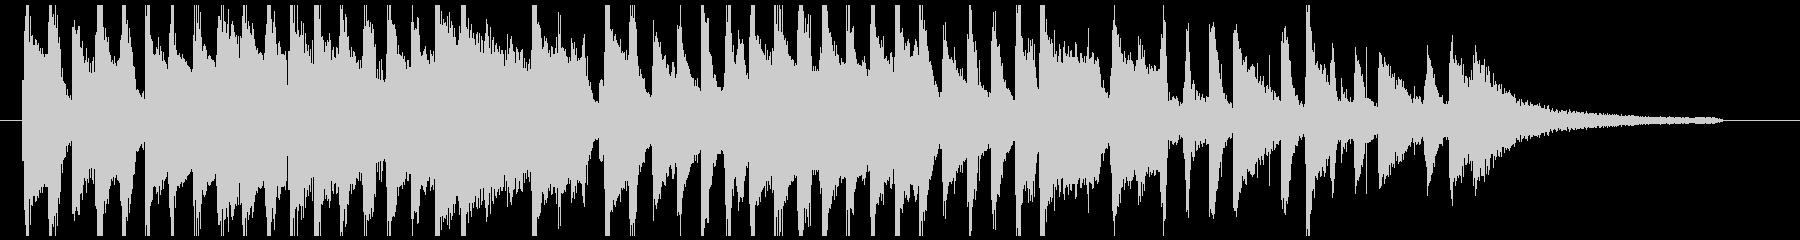 ピアノとふわふわシンセ かわいい短い曲の未再生の波形